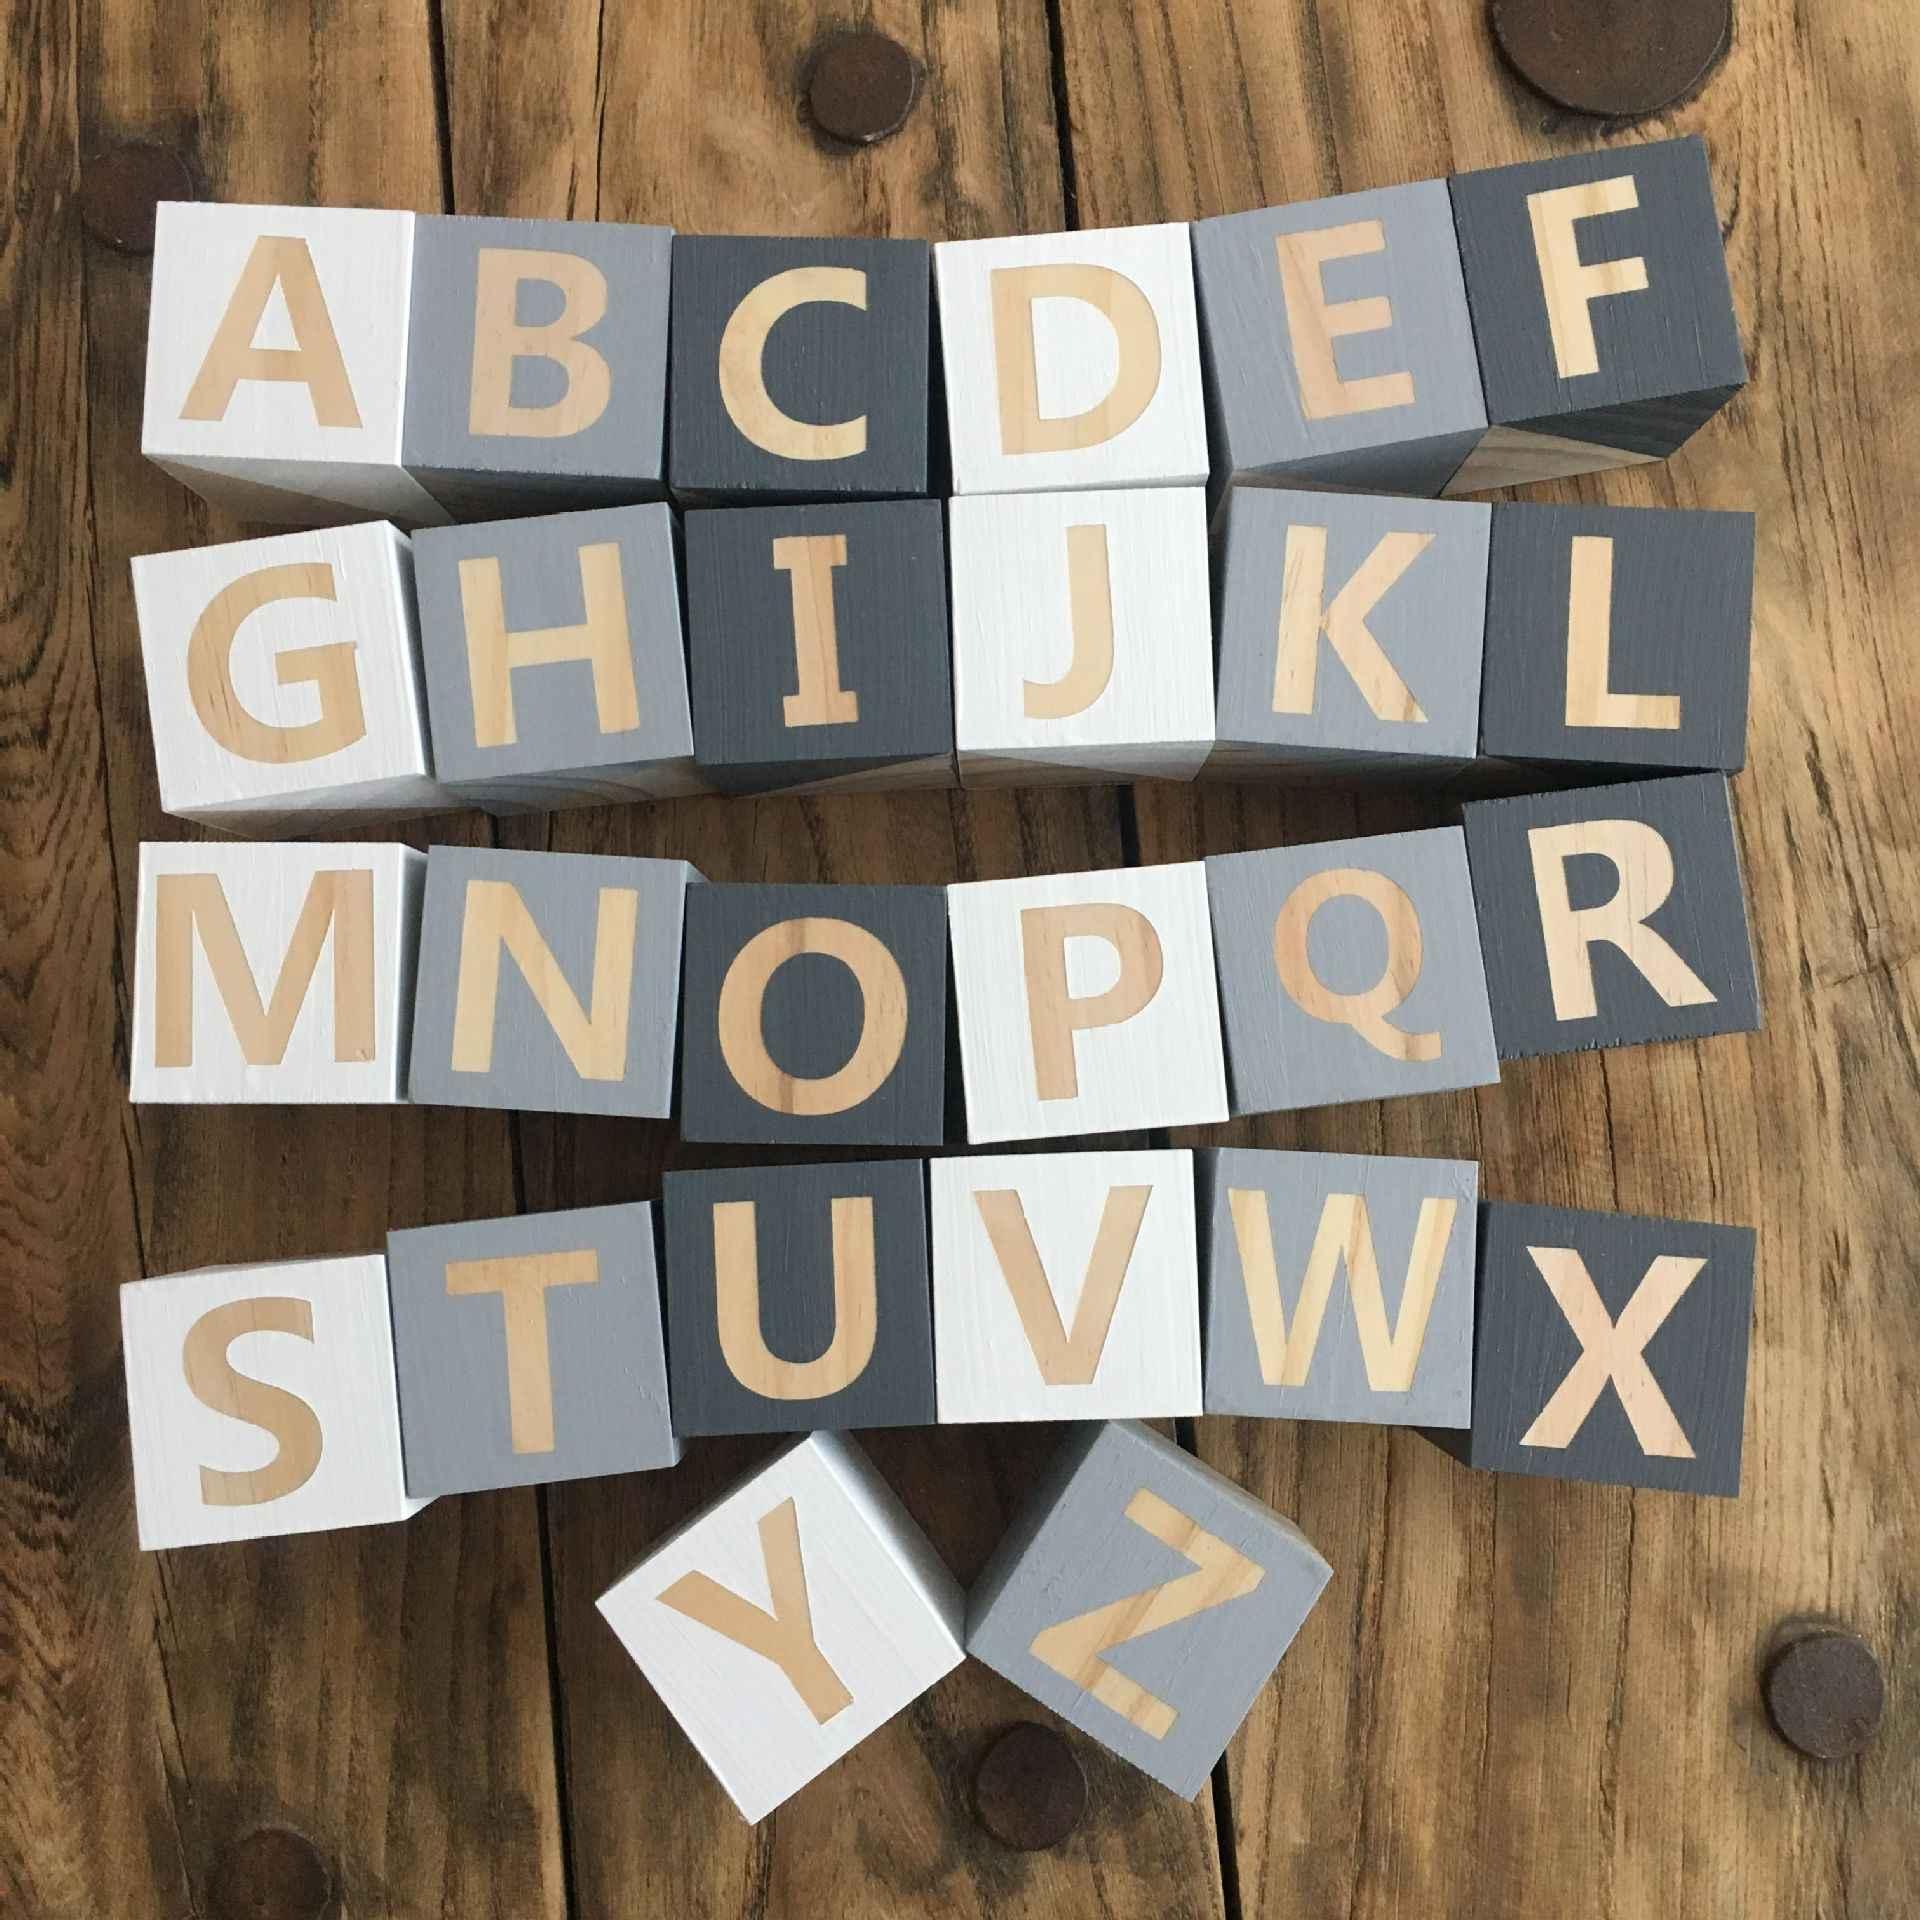 Деревянные буквы алфавита в скандинавском стиле, Детские именные блоки для детской спальни, фотосессии, декор для новорожденных, подарок на память, белый, розовый